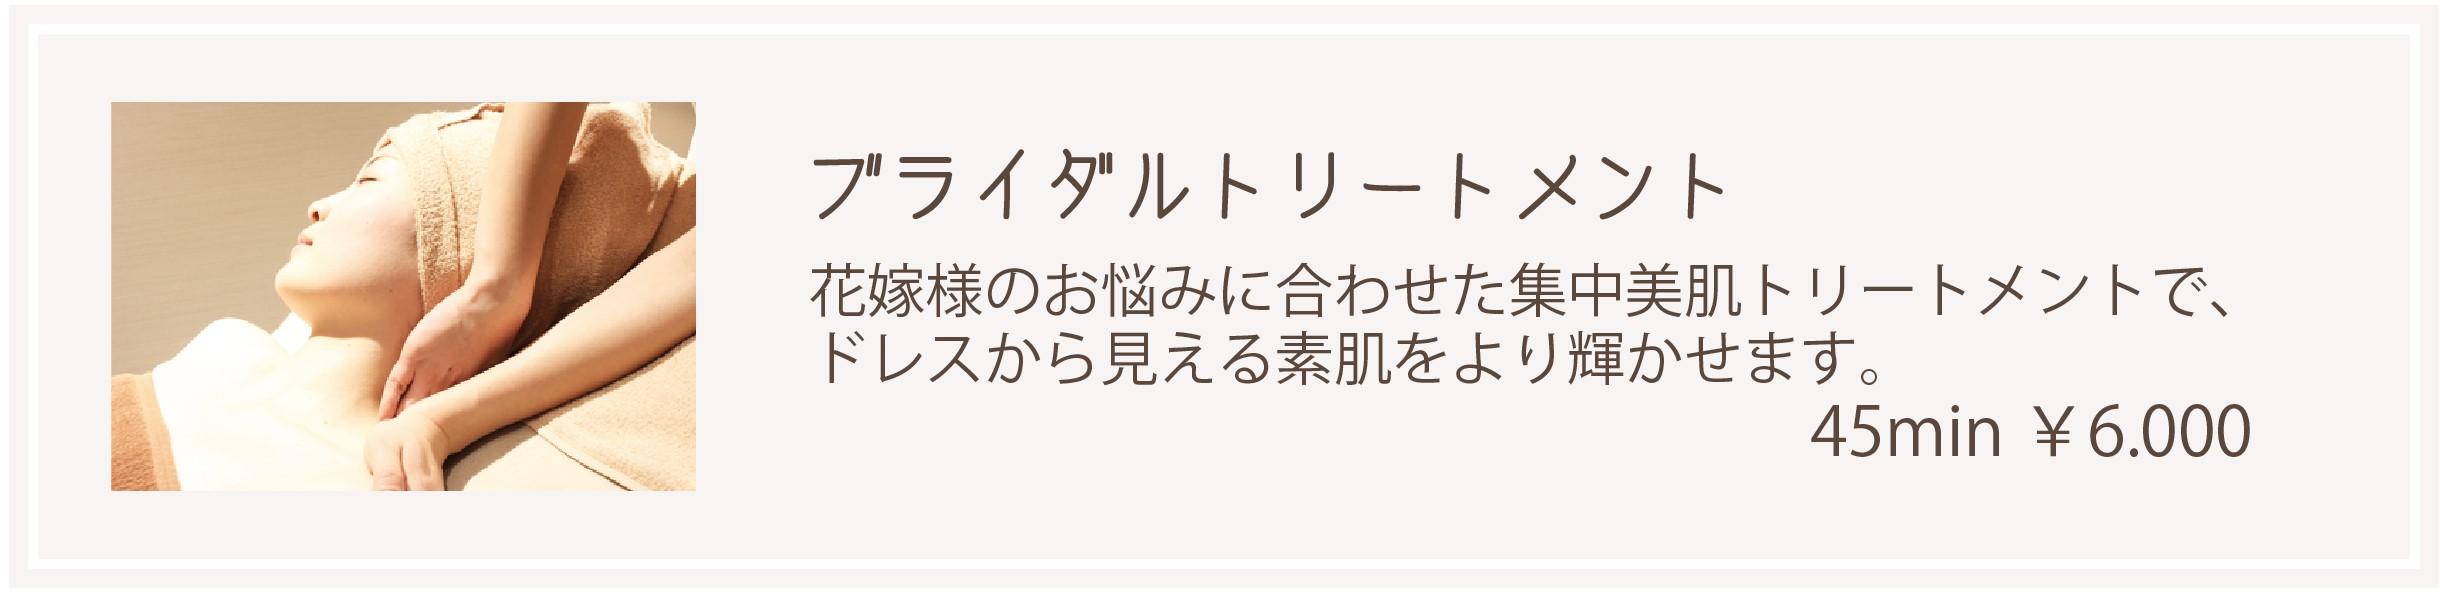 ブライダルメニュー (2)